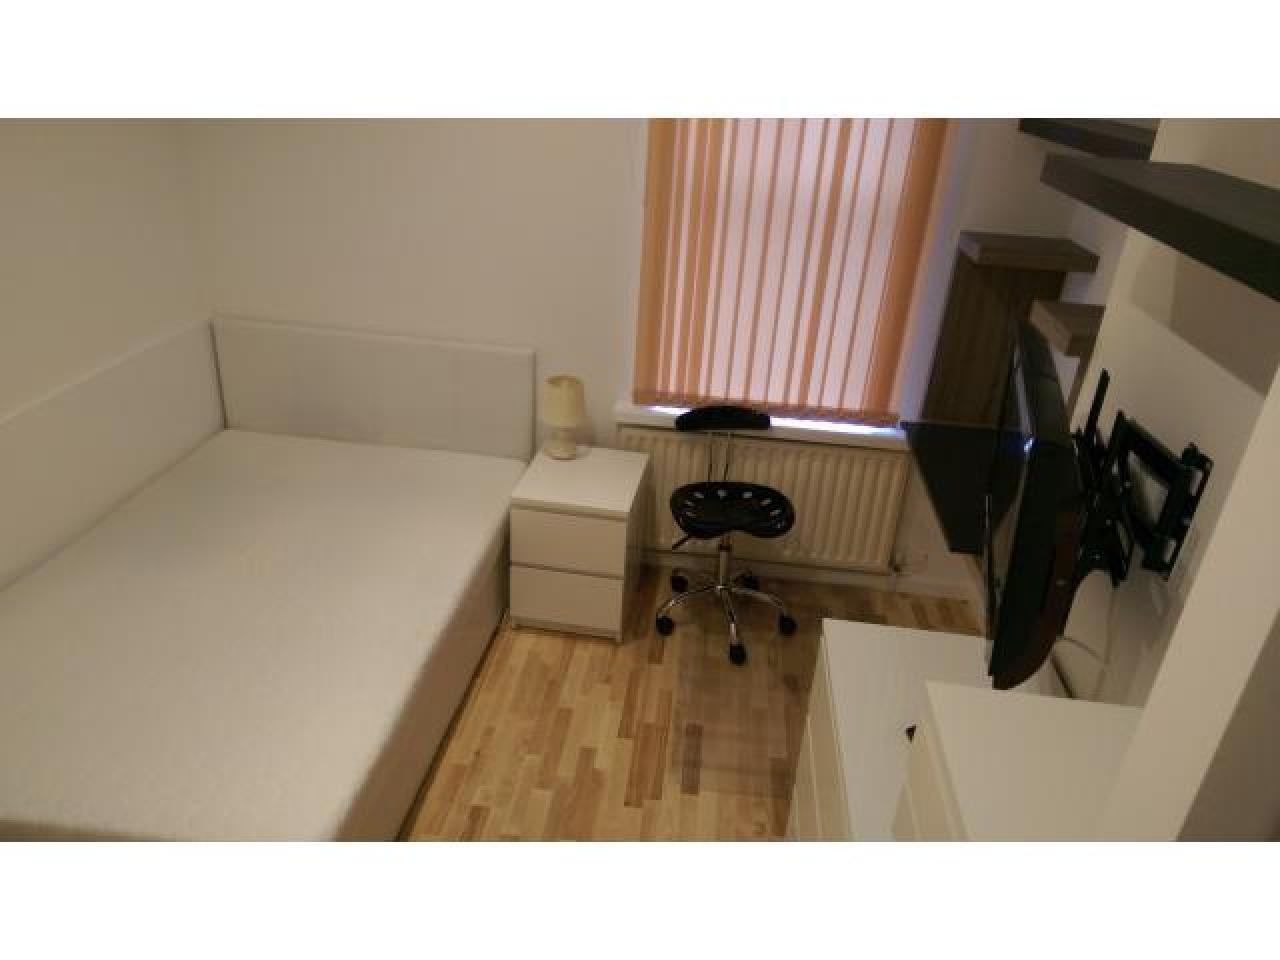 Double room в тихом доме нa Stratford £138 p/w - 1